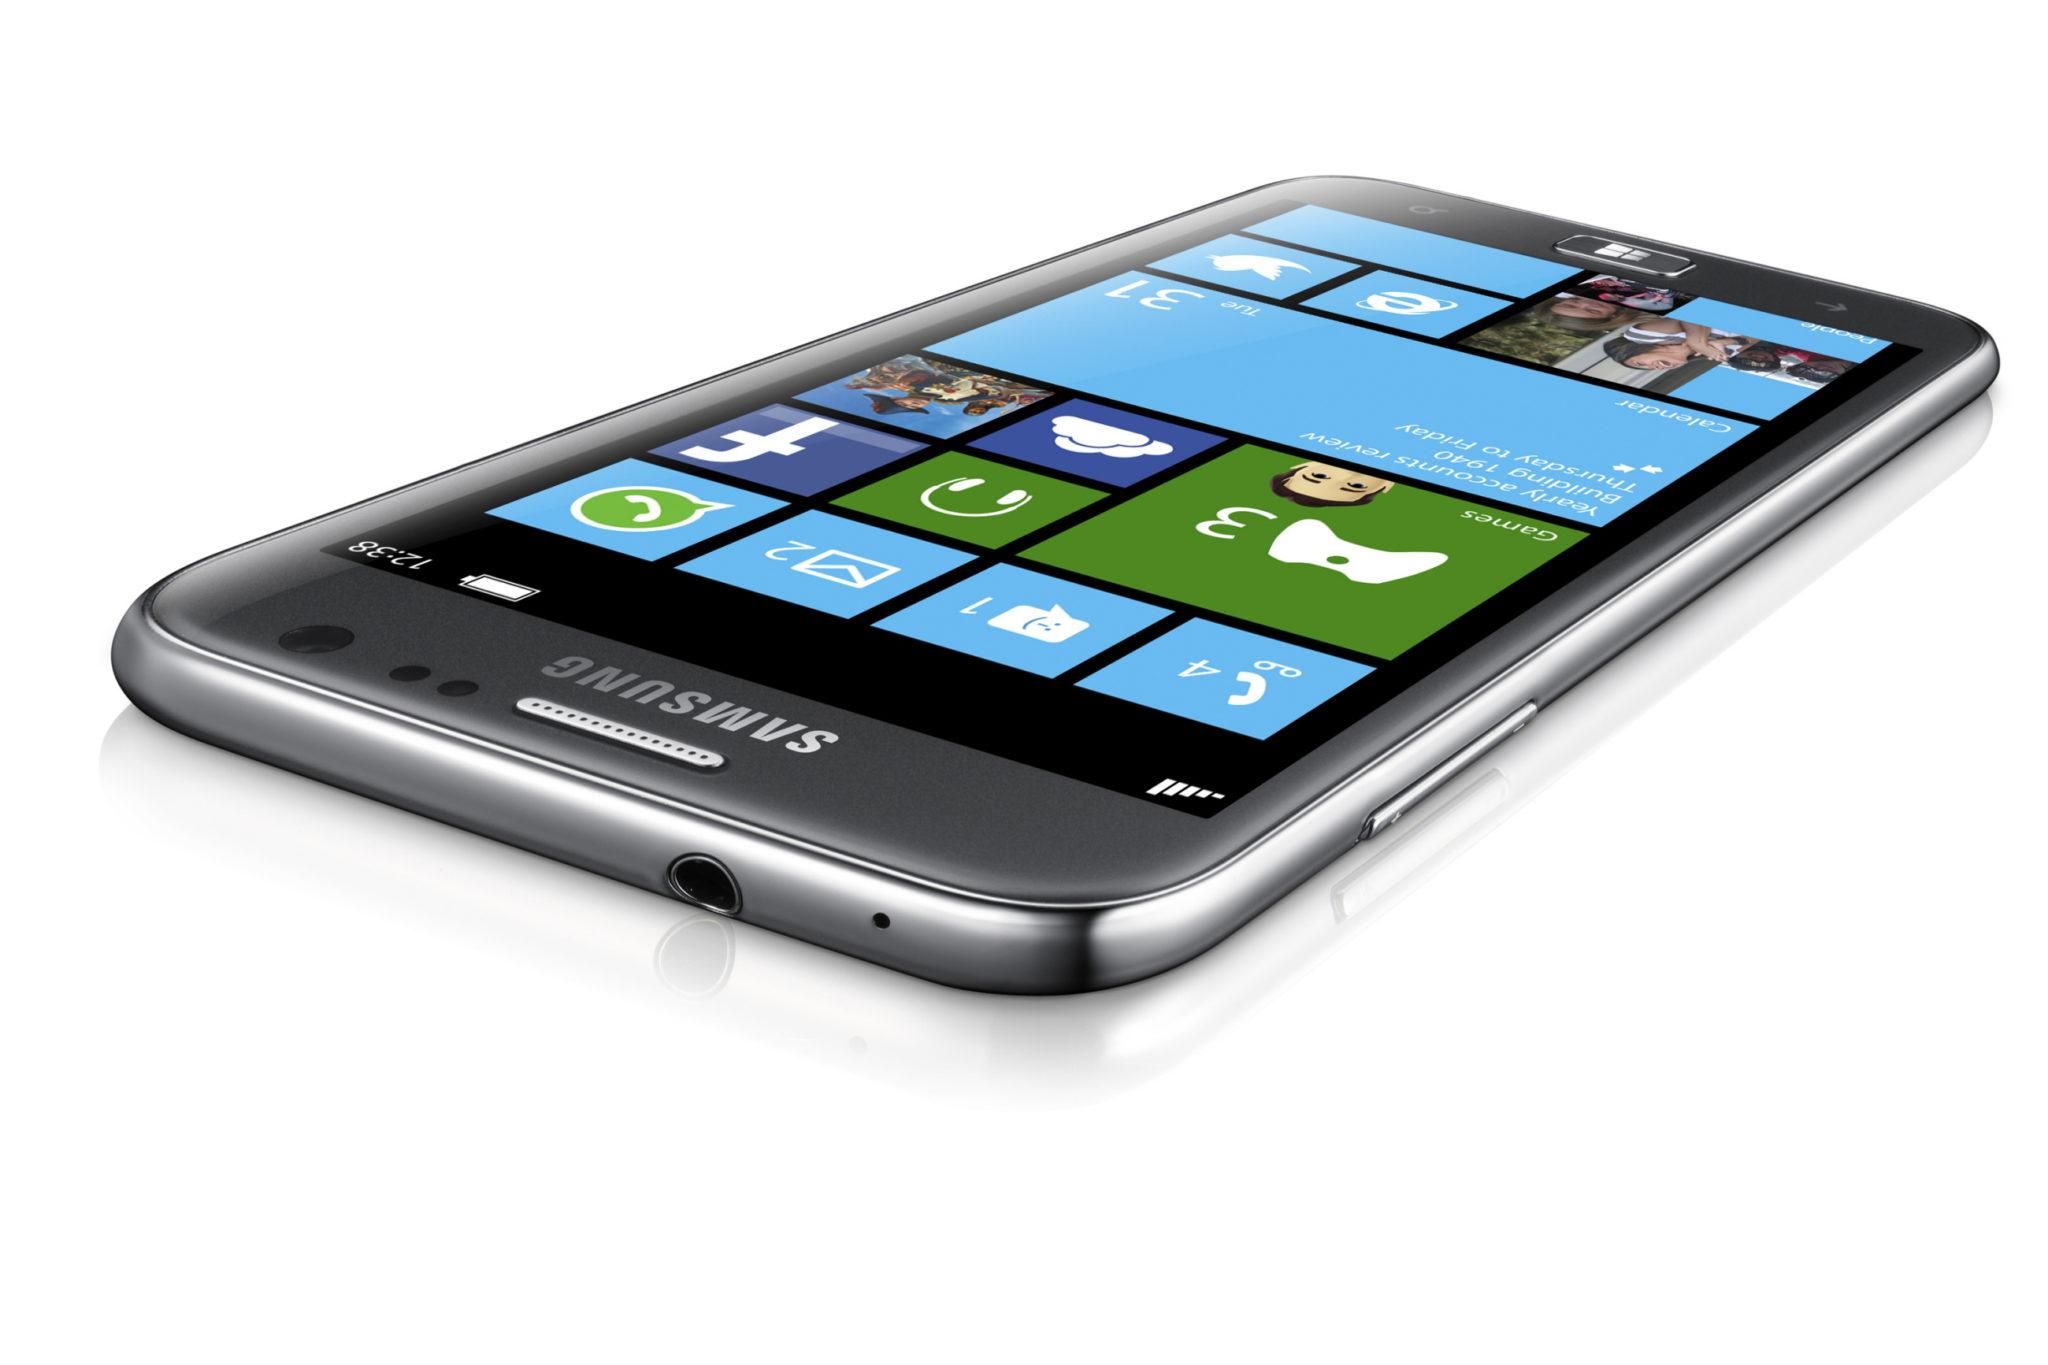 Microsoft ofrece 1 billón a Samsung para seguir haciendo telefonos con Windows Phone